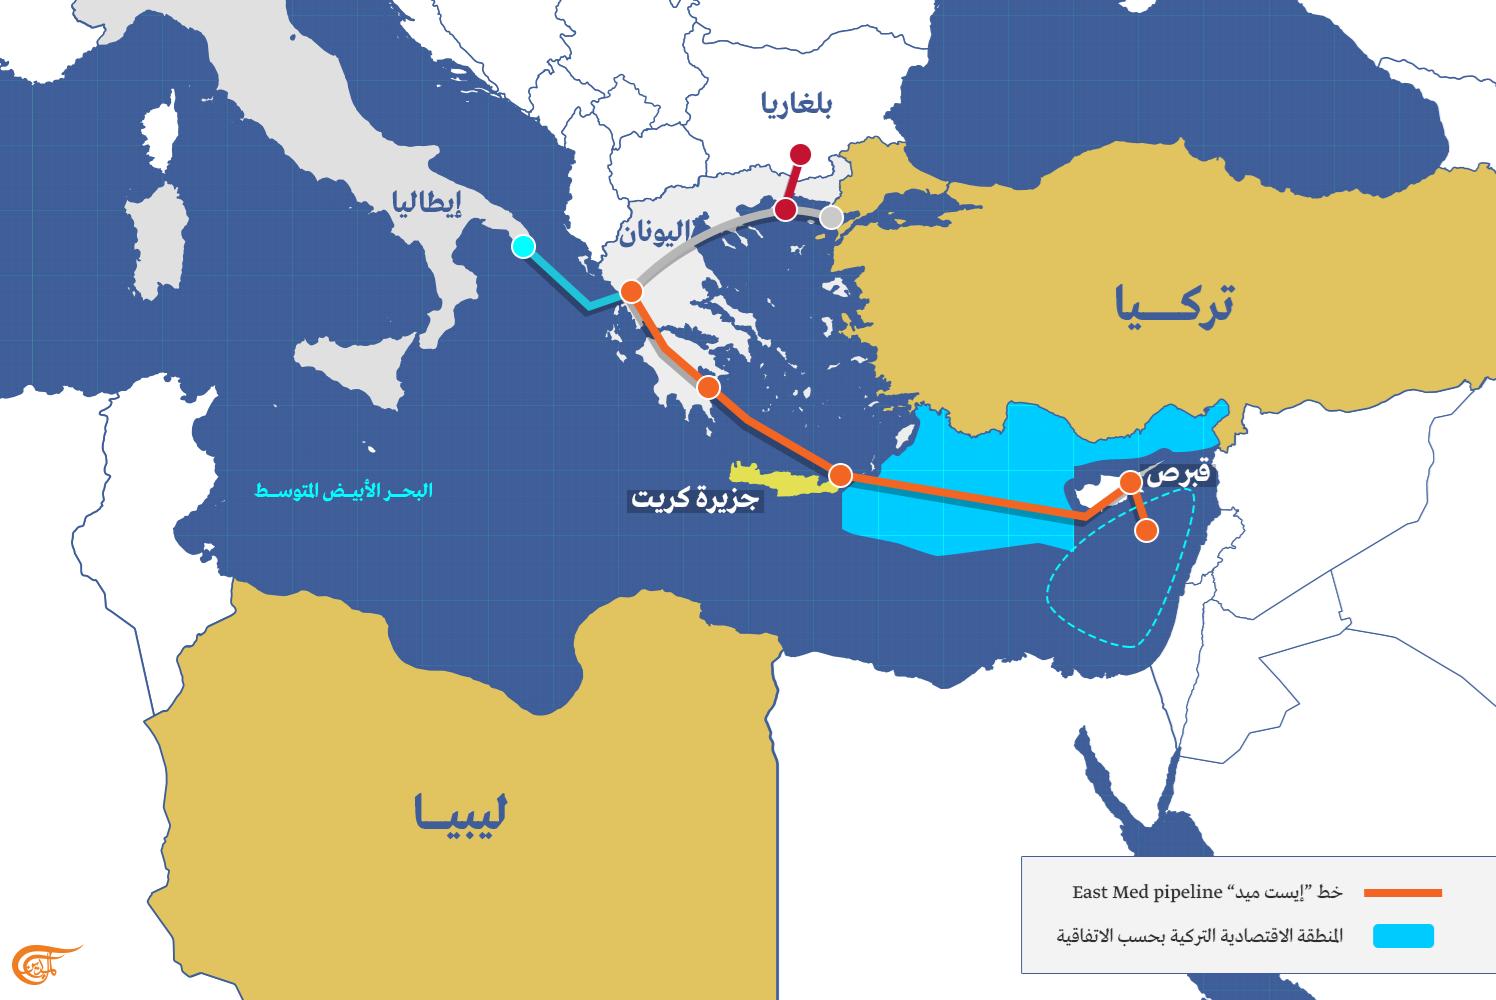 كيف تؤثر التطورات العسكرية في ليبيا على صراع الغاز في شرق  المتوسط؟